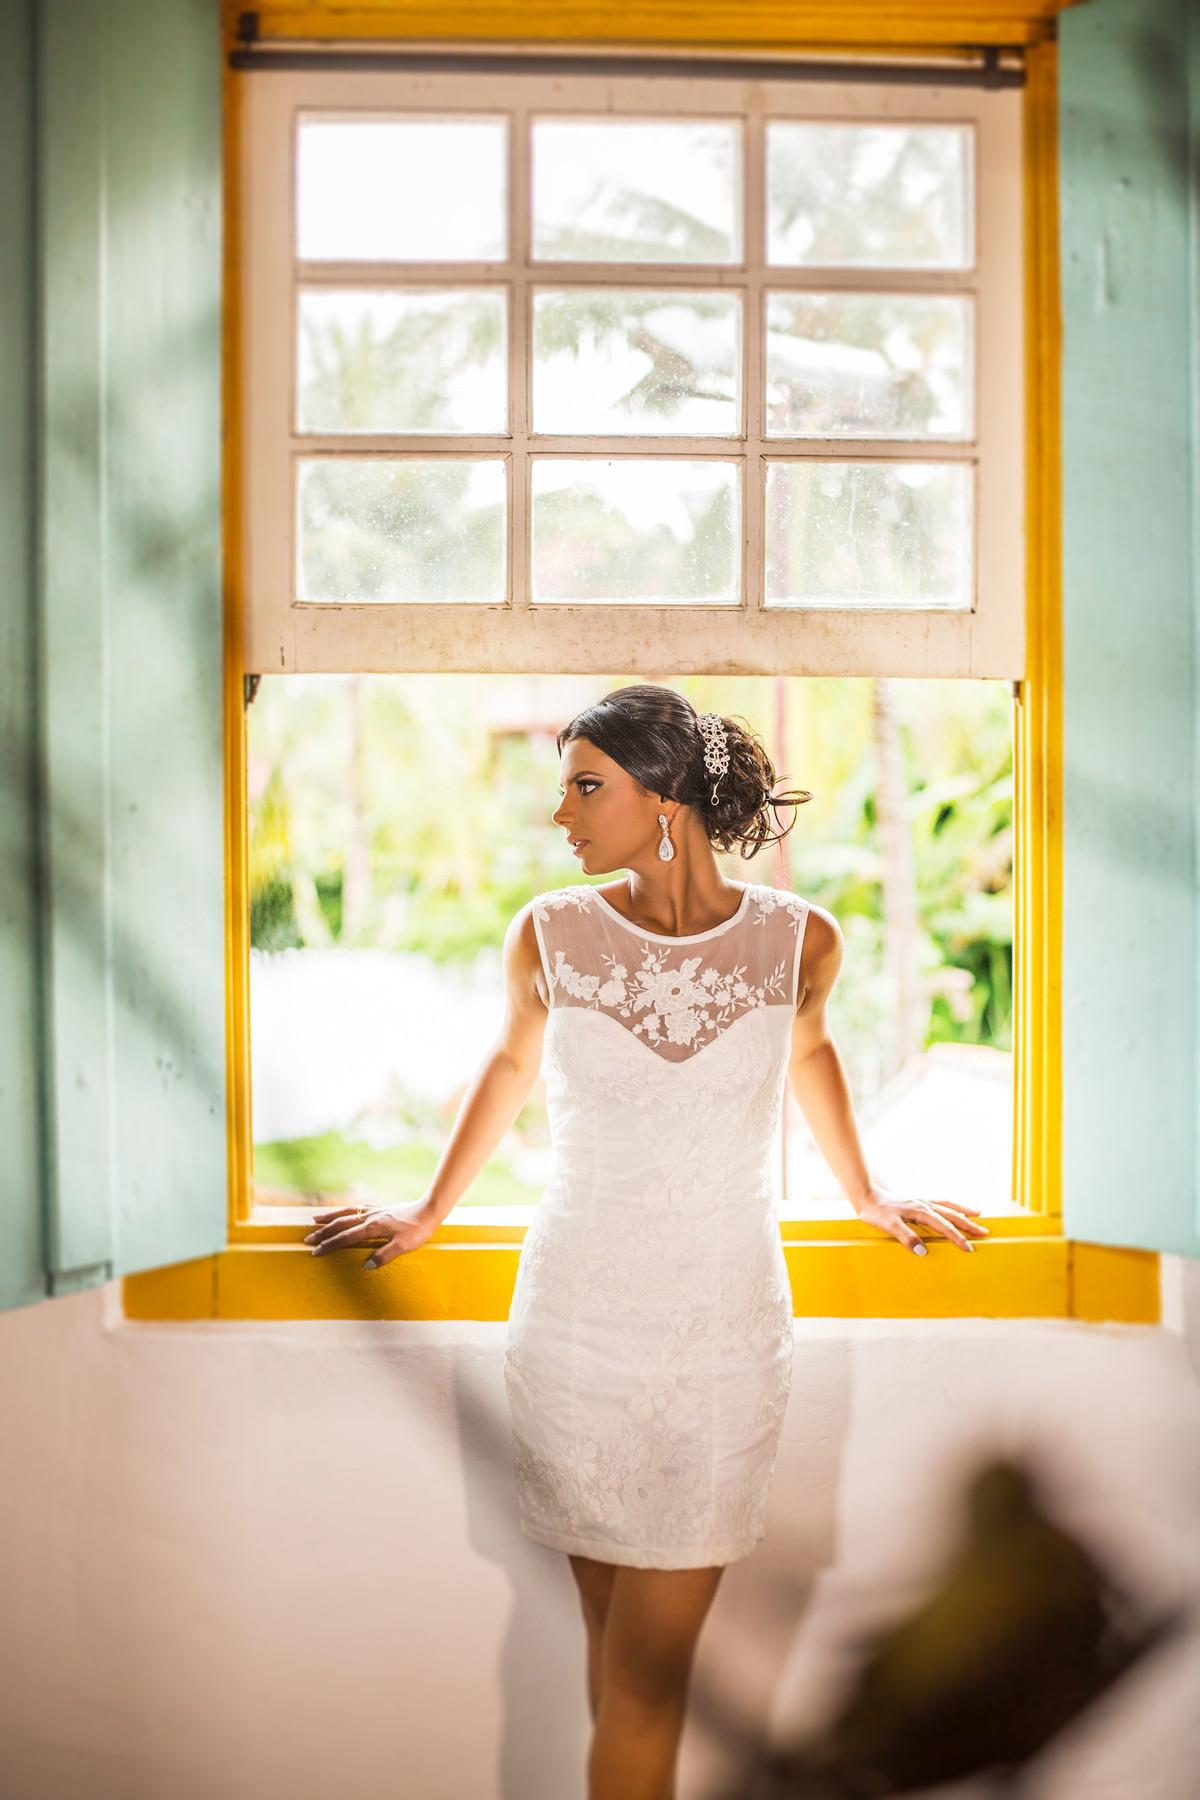 Noiva posando em janela amarela foto feita pelo fotógrafo Rafael Ohana em Paracatu-M